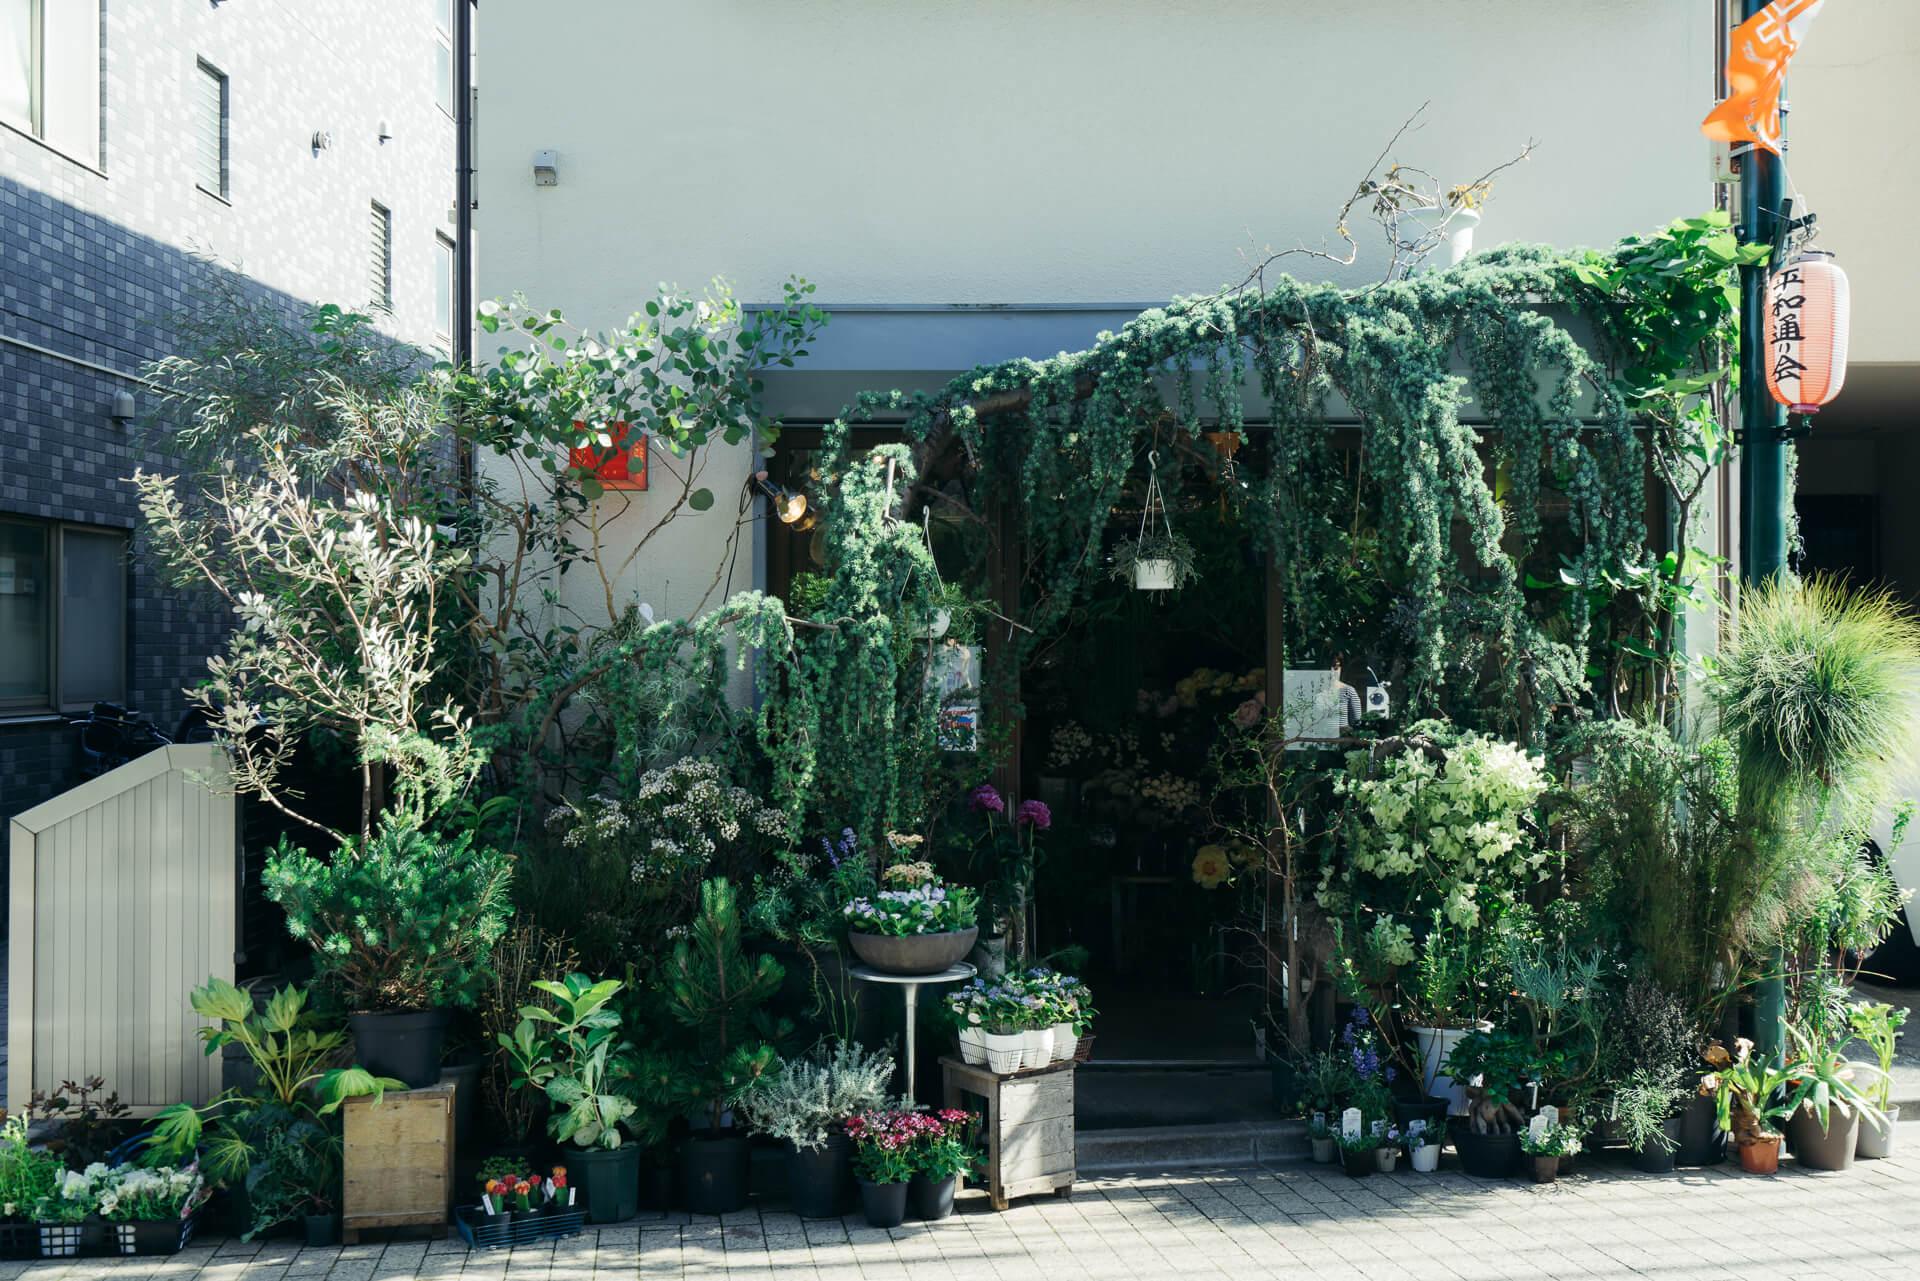 西荻窪の駅から線路沿いに少し歩いた先、大きな木々に囲まれたお店がありました。